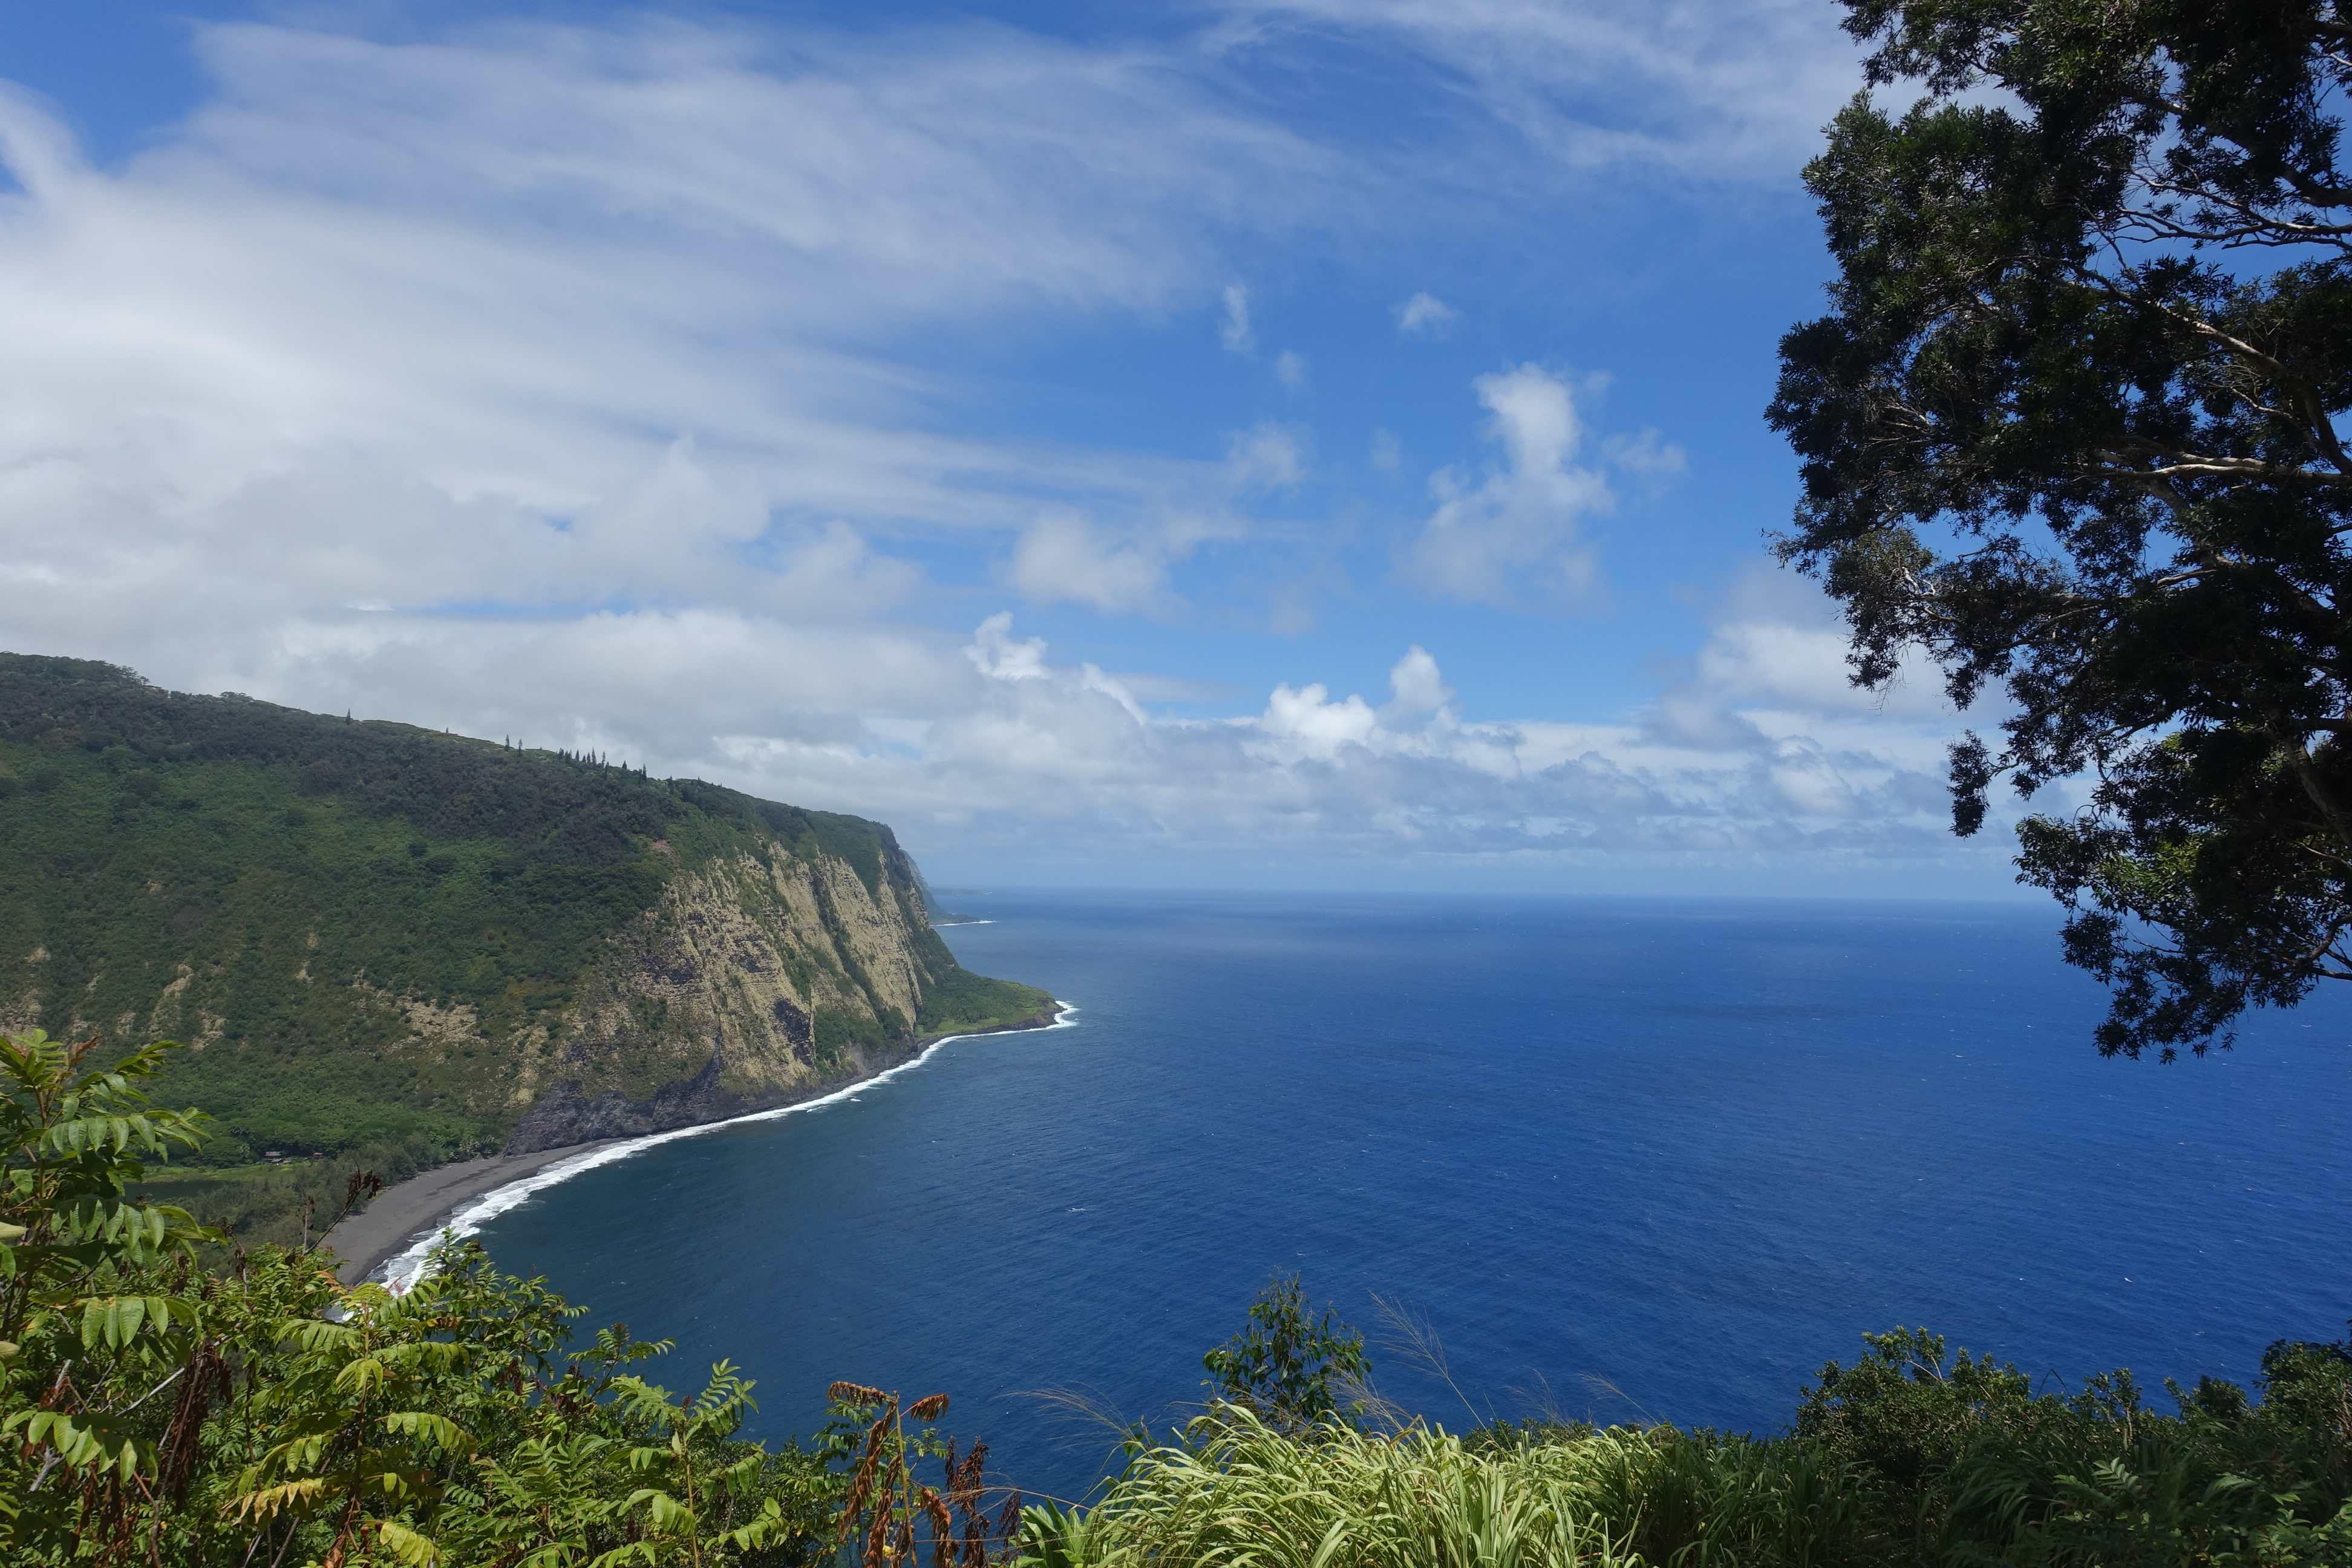 ハワイの観光戦略で重視される「レスポンシブル・ツーリズム」(責任ある観光)とは? 地元と旅行者のあるべき関係性を聞いてきた | トラベルボイス